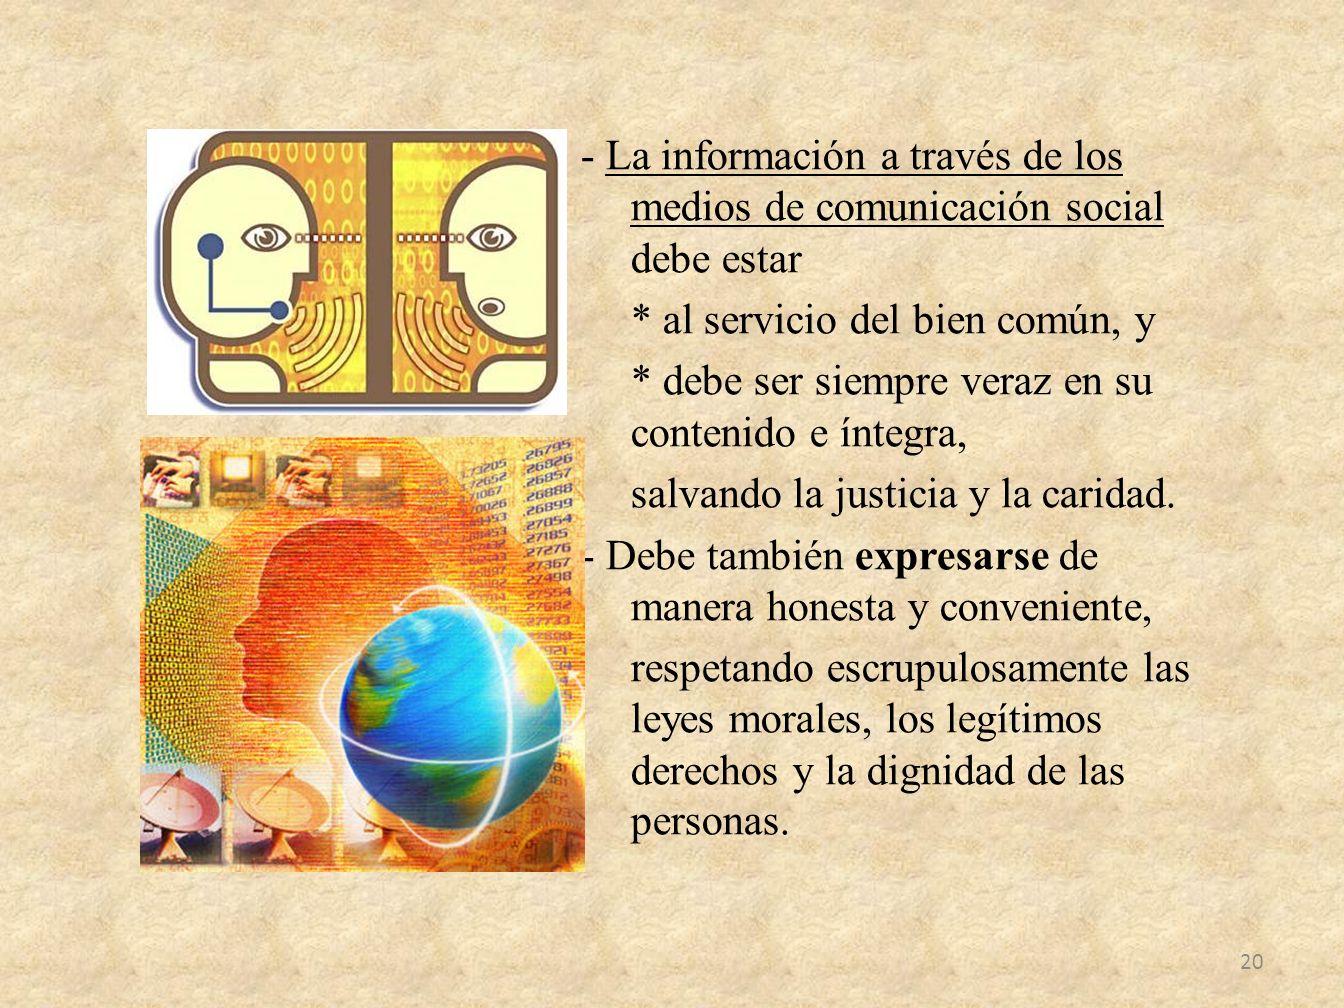 - La información a través de los medios de comunicación social debe estar * al servicio del bien común, y * debe ser siempre veraz en su contenido e íntegra, salvando la justicia y la caridad.